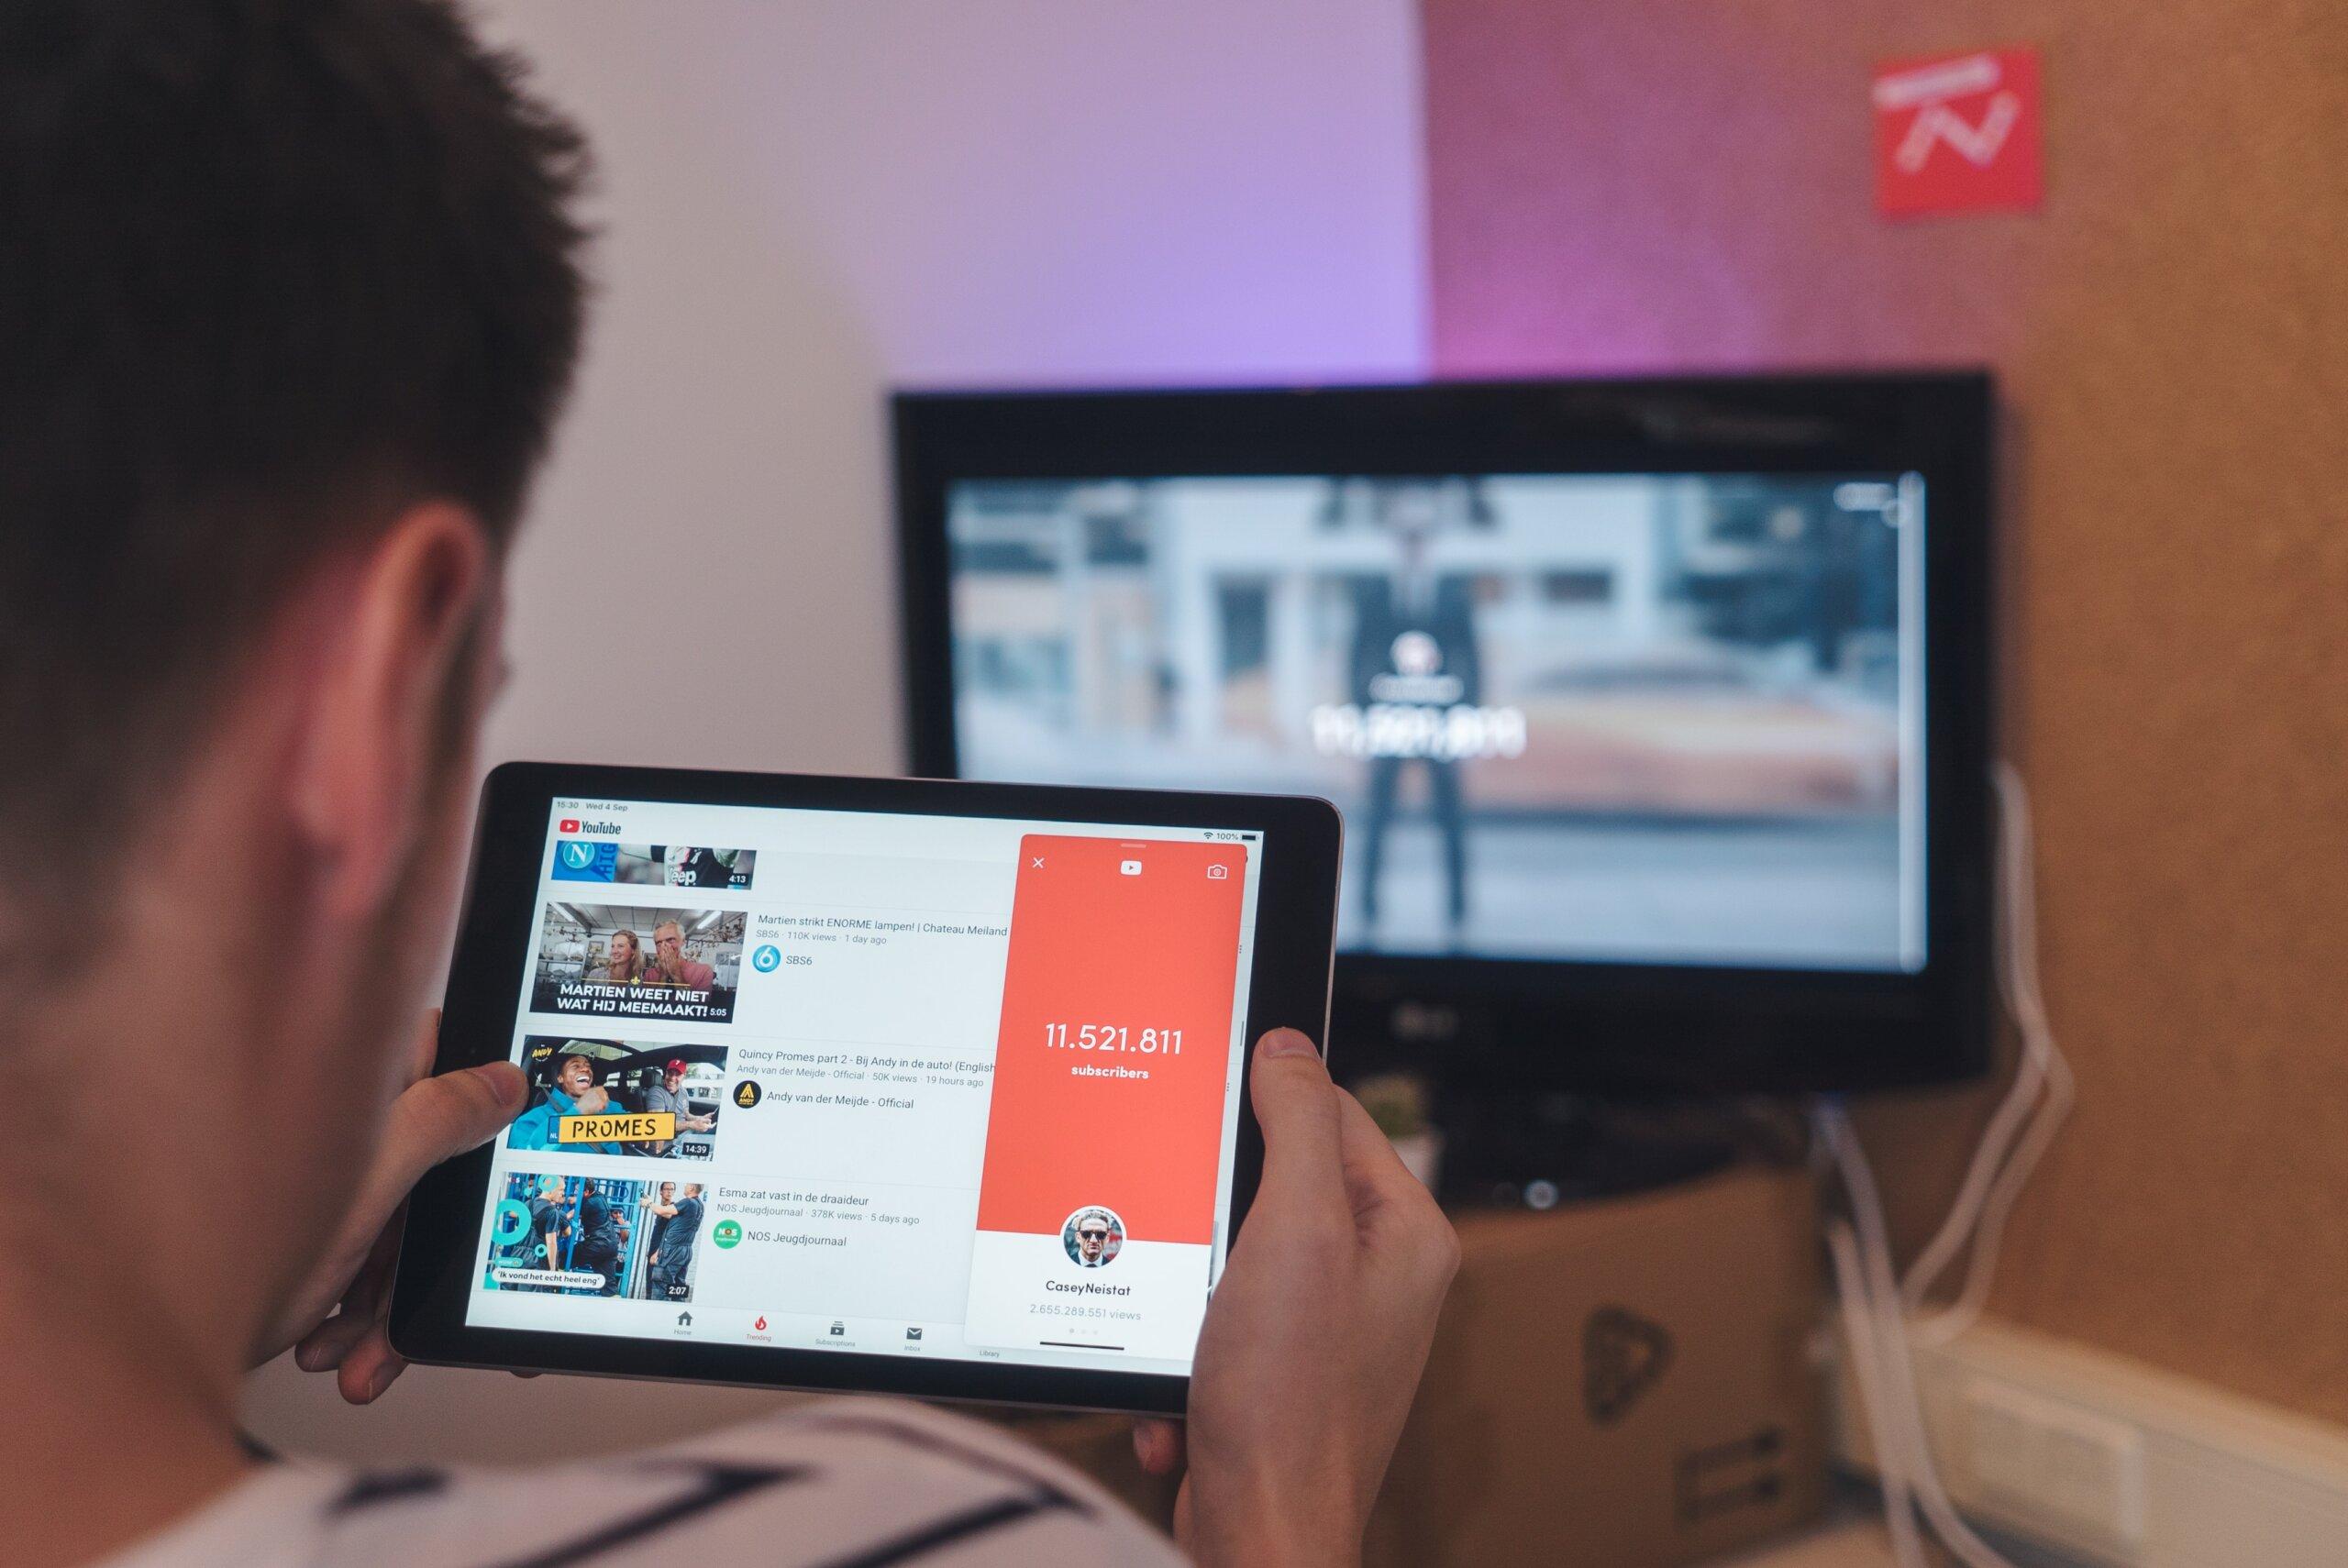 Tạo tài khoản YouTube để bắt đầu khám phá trang video lớn nhất thế giới